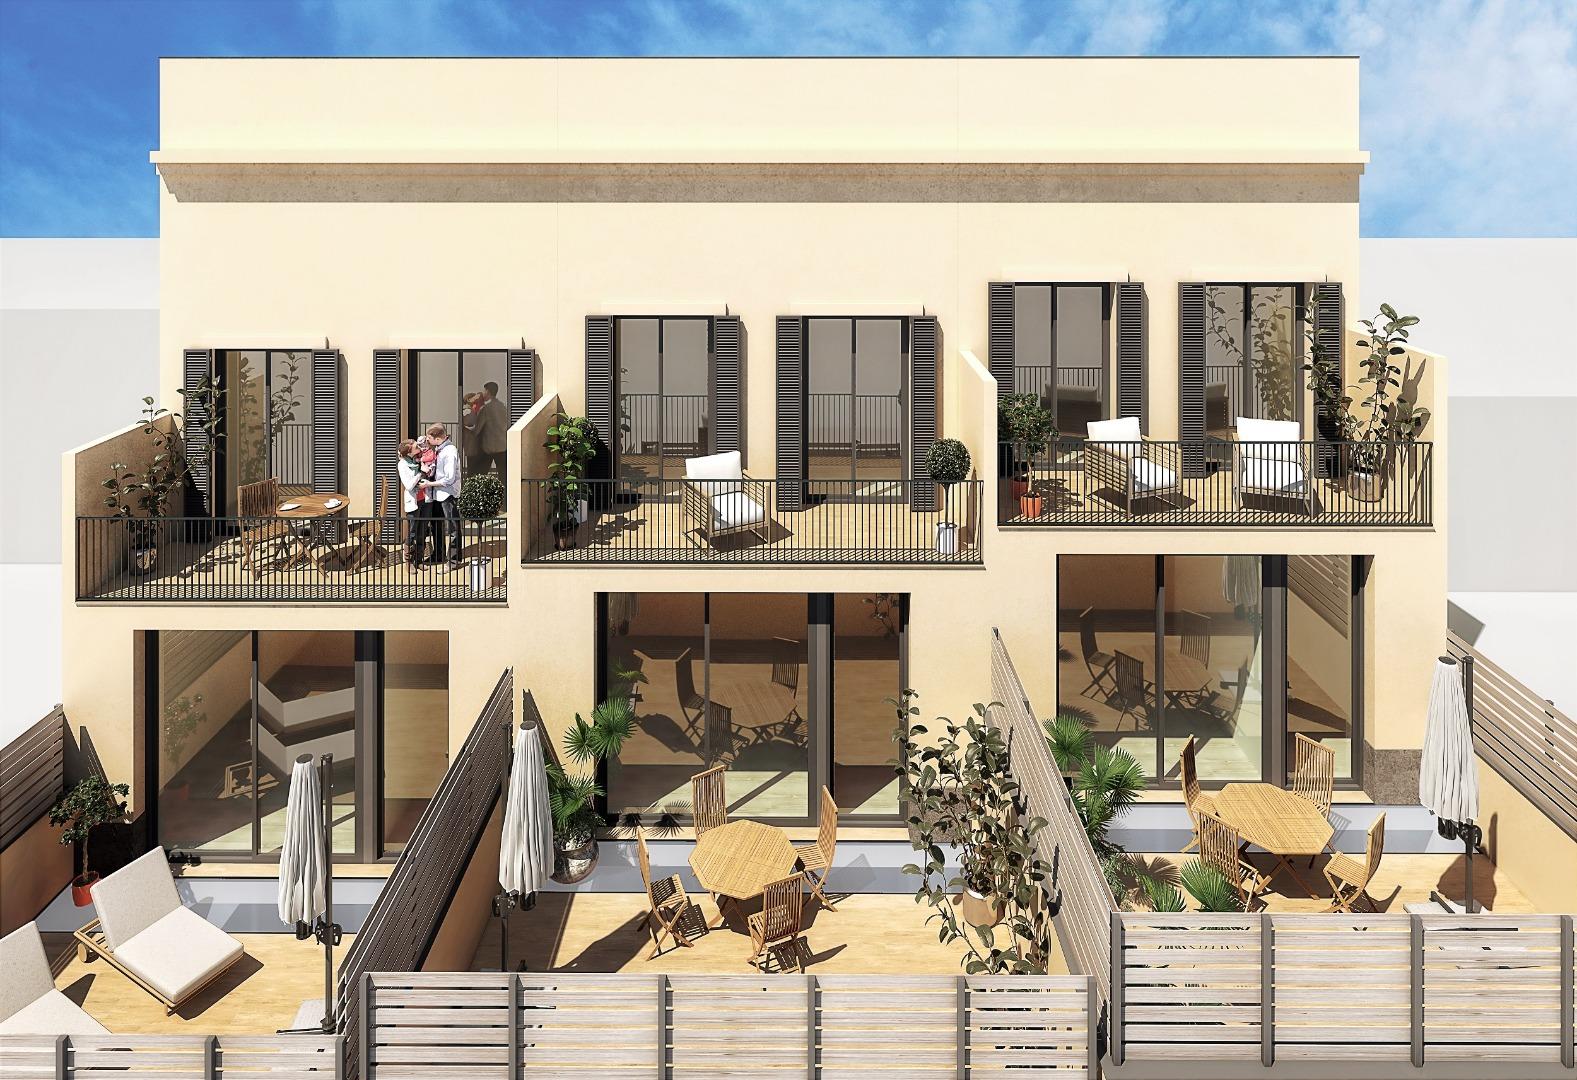 Casa  Calle carrer de sant isidre. Nueva promoción de casas en zona centro.  desde 220m2. ascensor